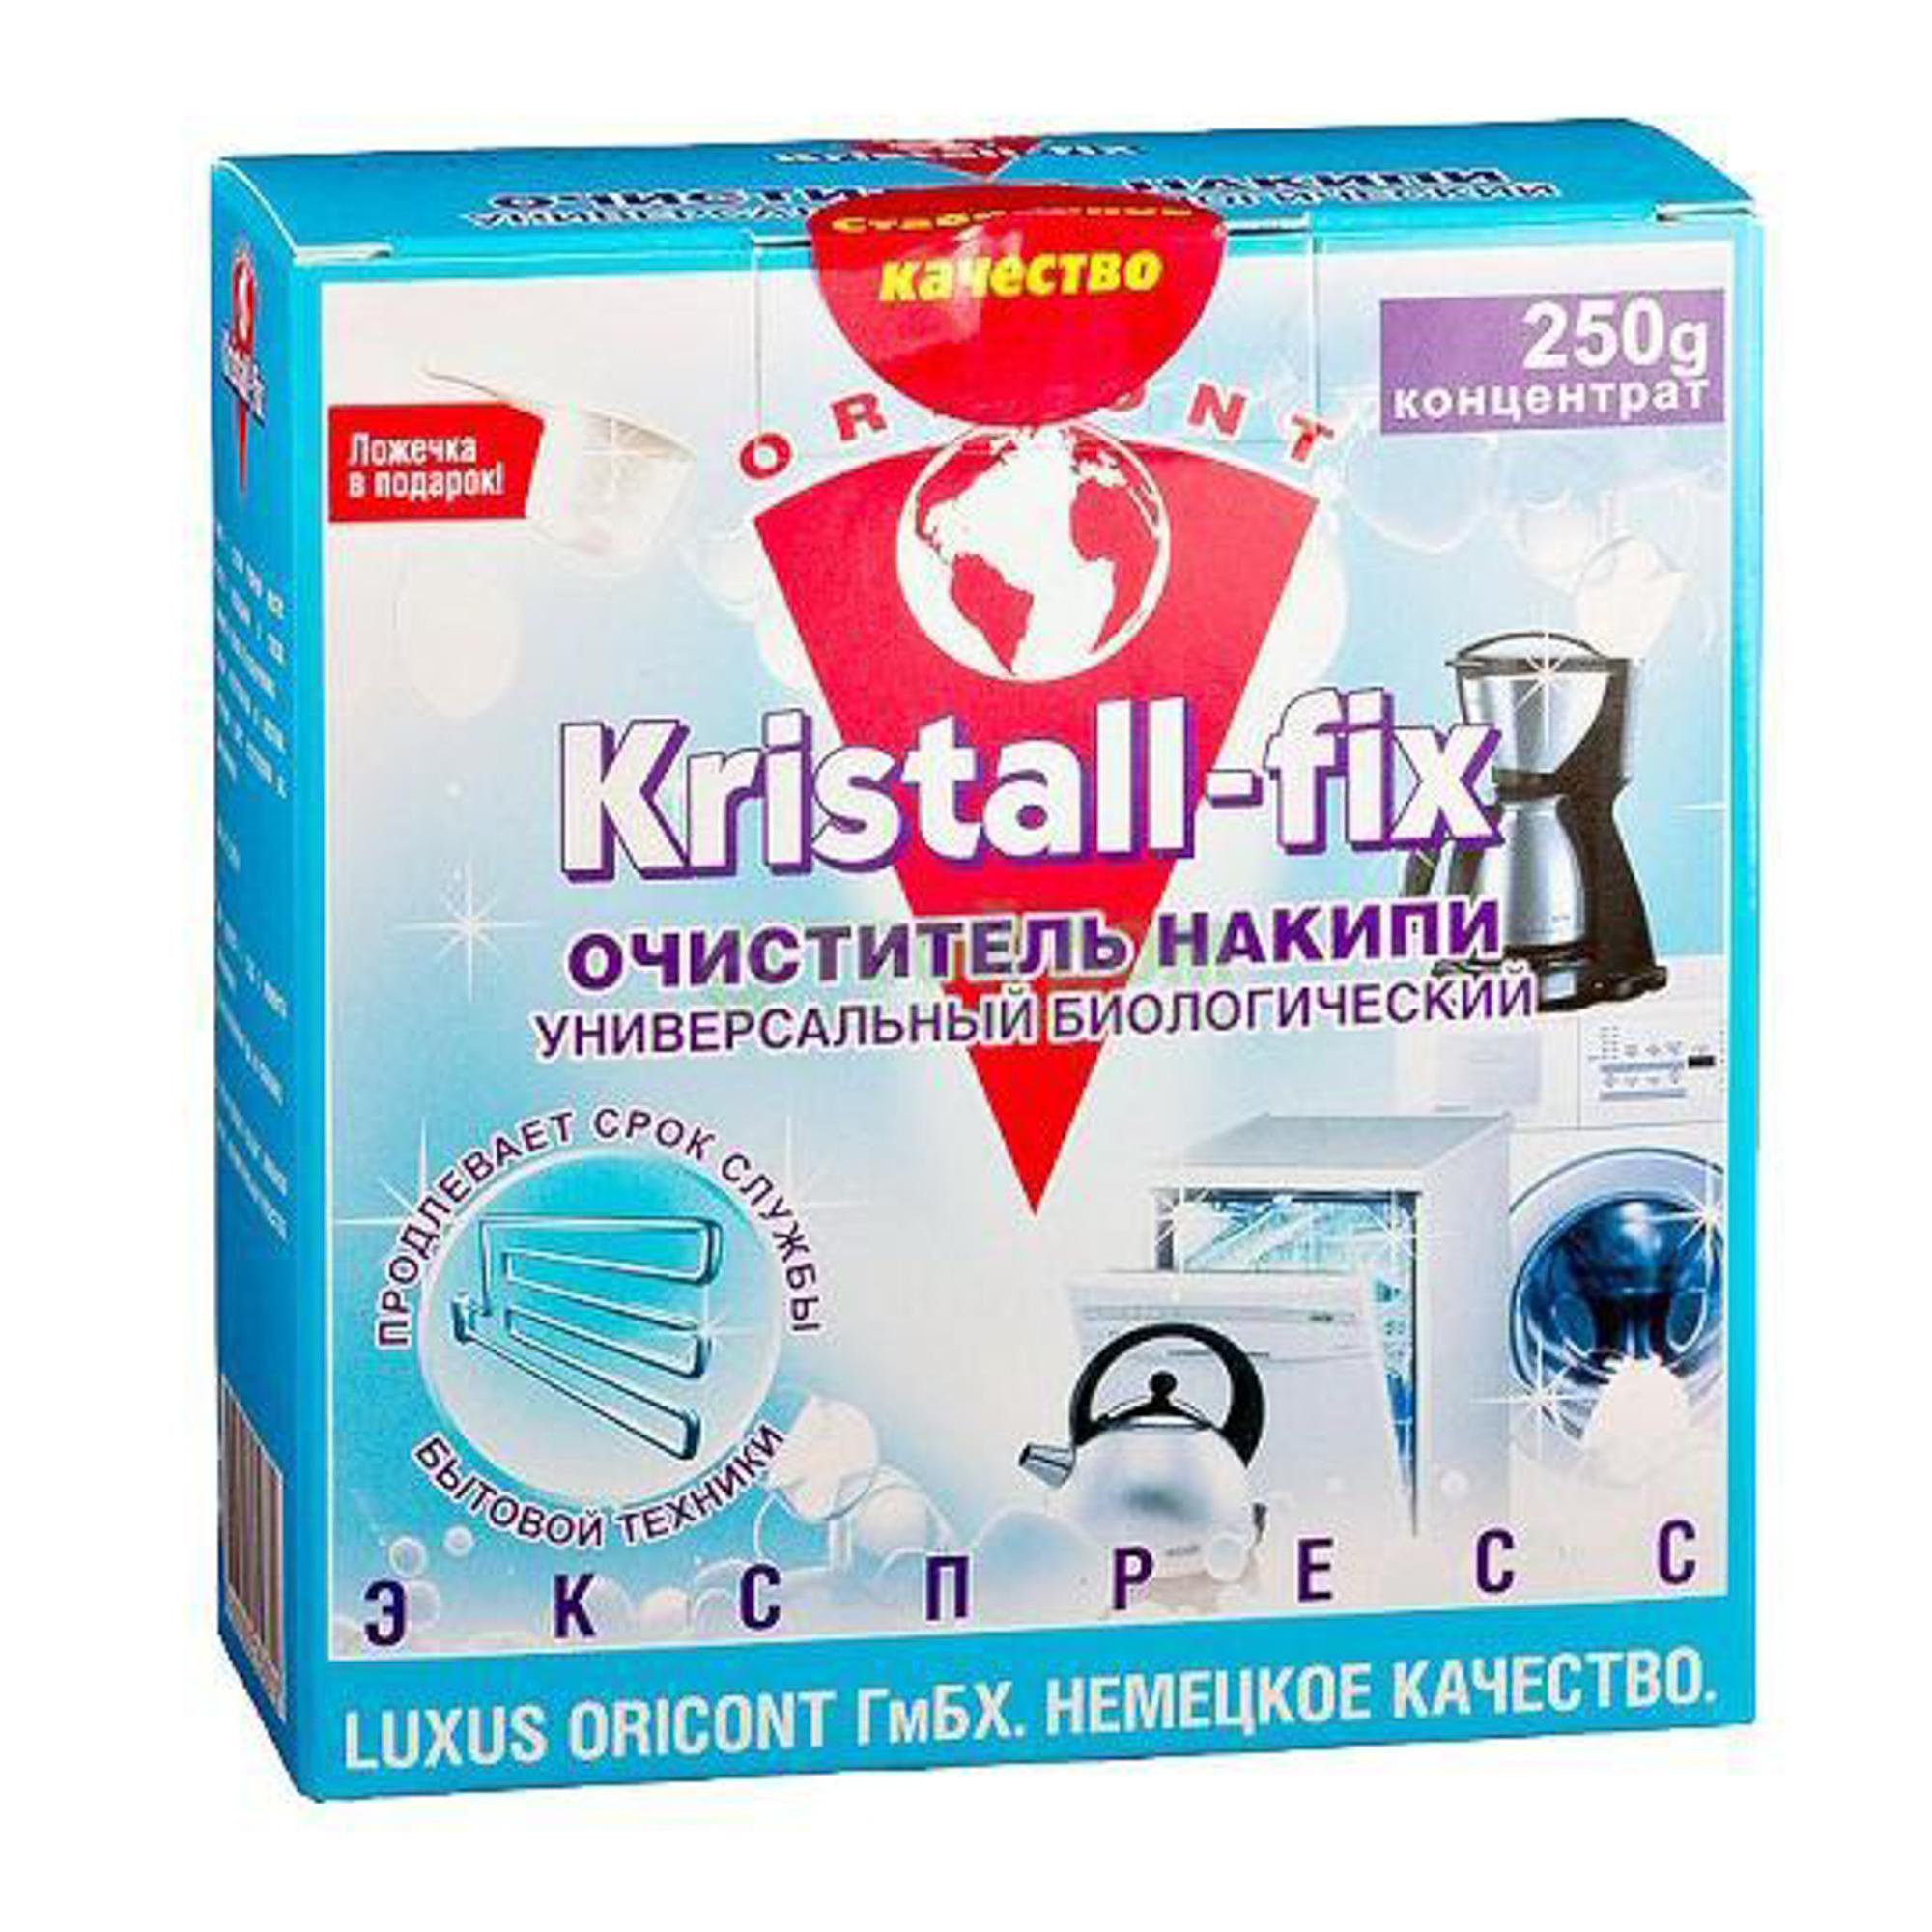 Очиститель Luxus Kristall-fix для посудомоечных и стиральных машин 250 г бытовая химия luxus отбеливатель до 60 градусов 250 г